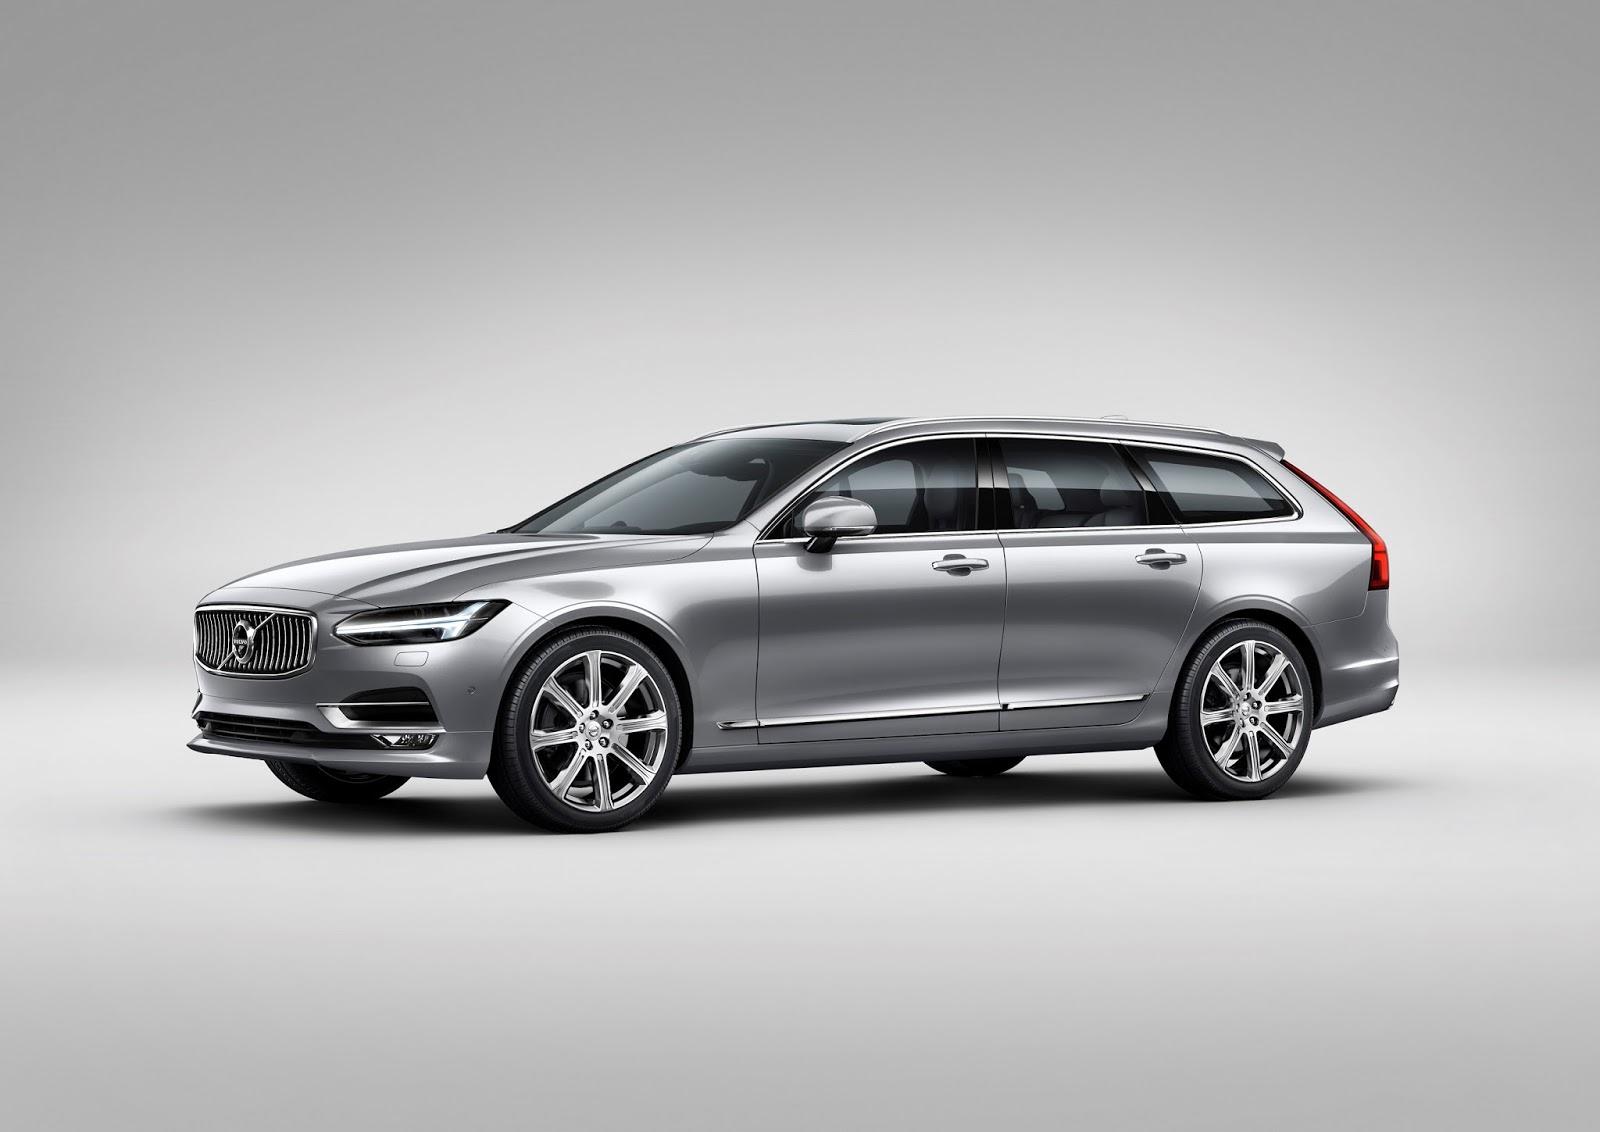 NEO%2BVOLVO%2BV90 1 Το V90 είναι το πιο όμορφο, το πιο ασφαλές station wagon και το πιο... Volvo Station Wagon, Volvo, Volvo V90